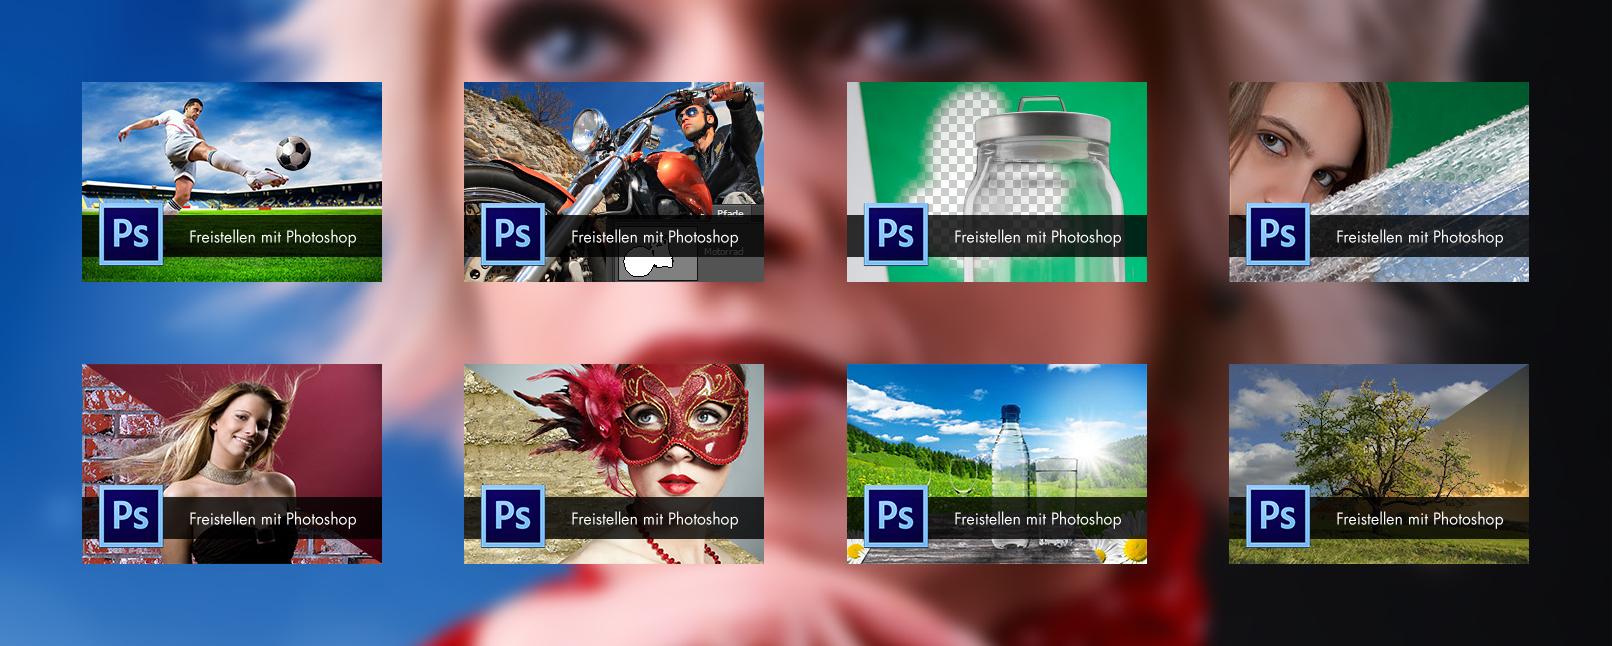 Beispielszenen aus dem Kurs zum Freistellen mit Photoshop von Haar, Person und Objekt